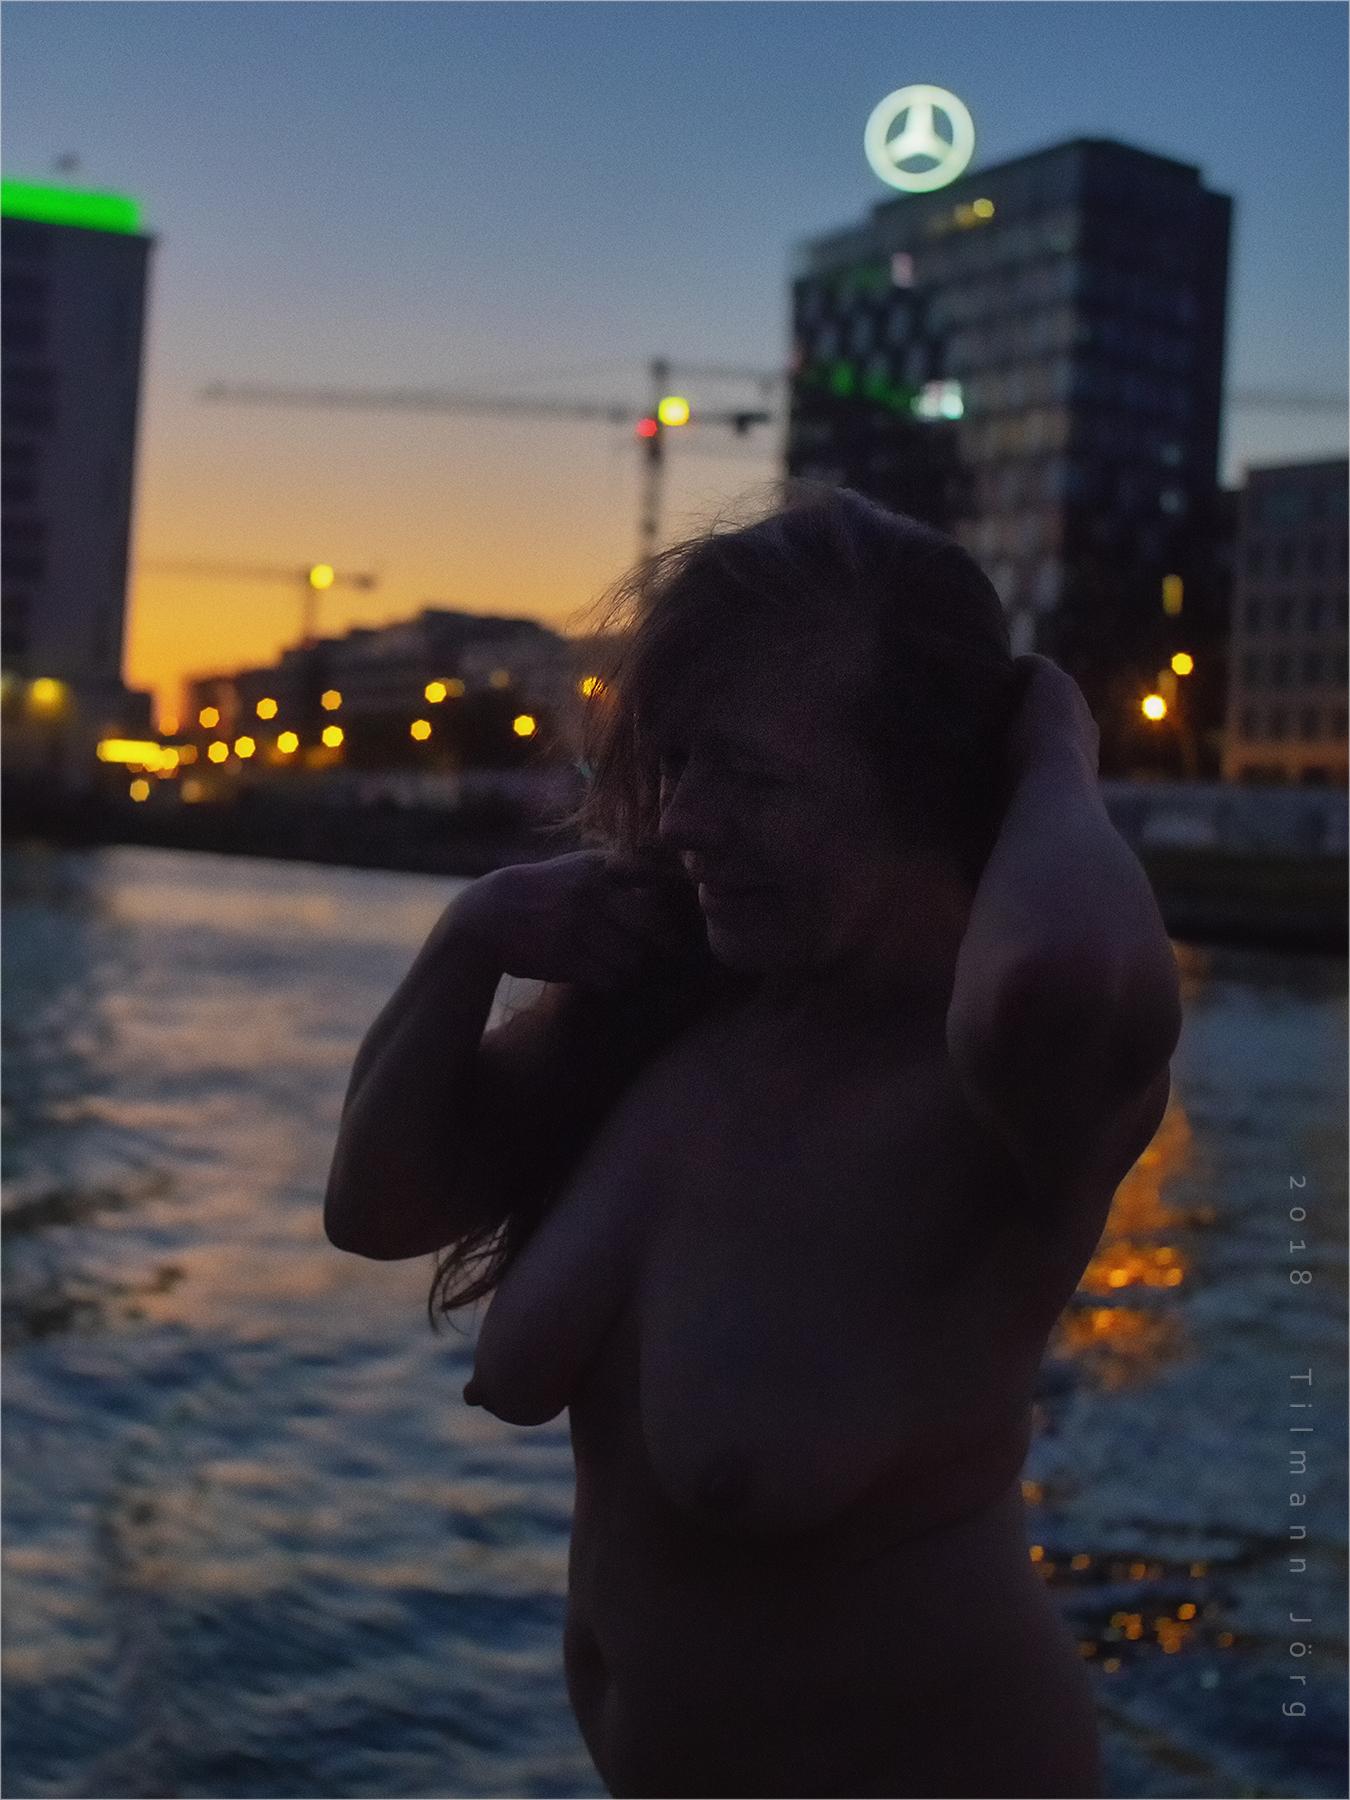 Nackte Frau vor Berliner Abendhimmel